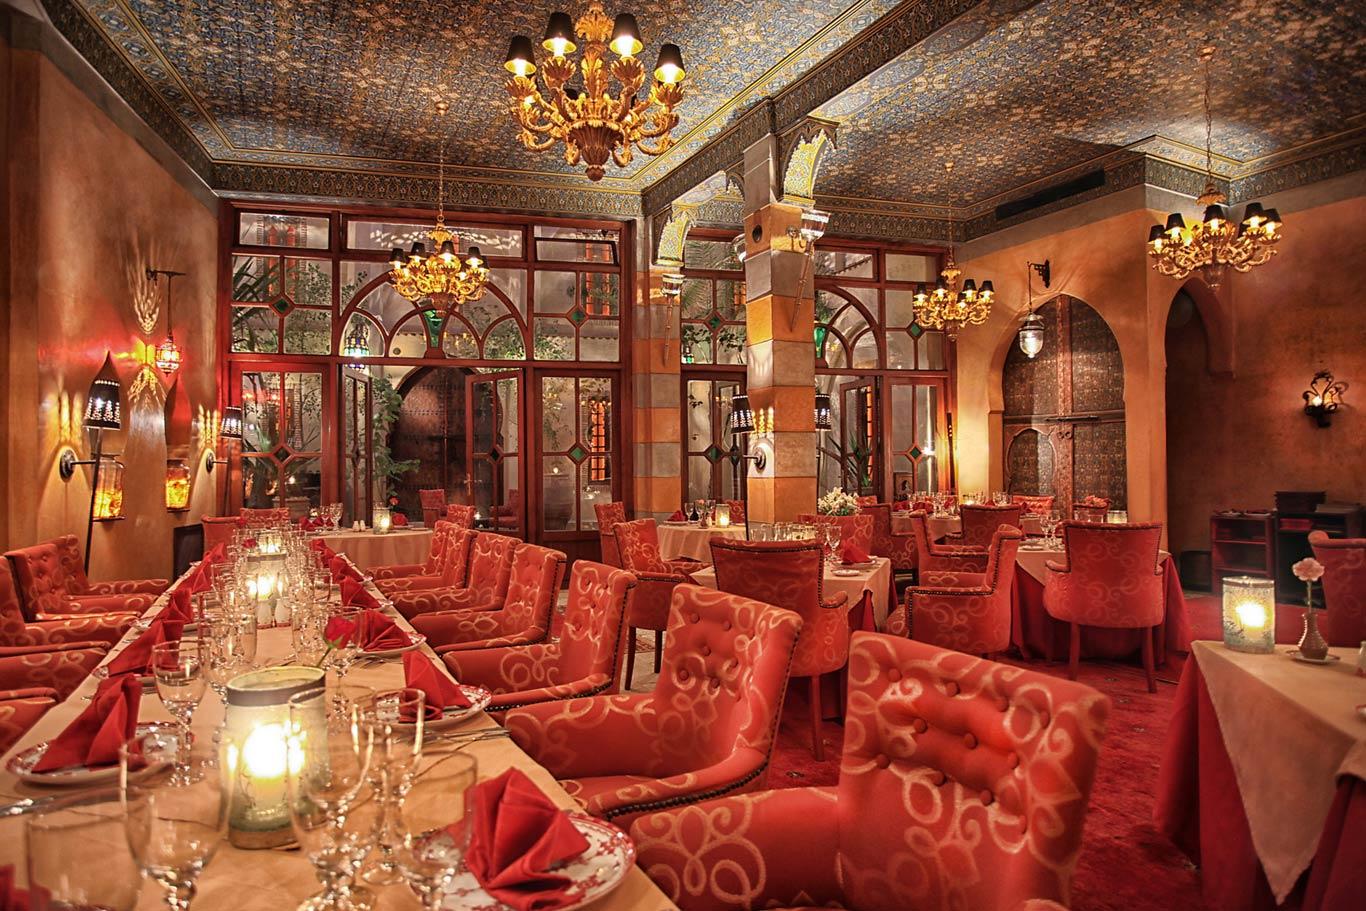 The_best_riads_in_marrakech_la_maison_arabe